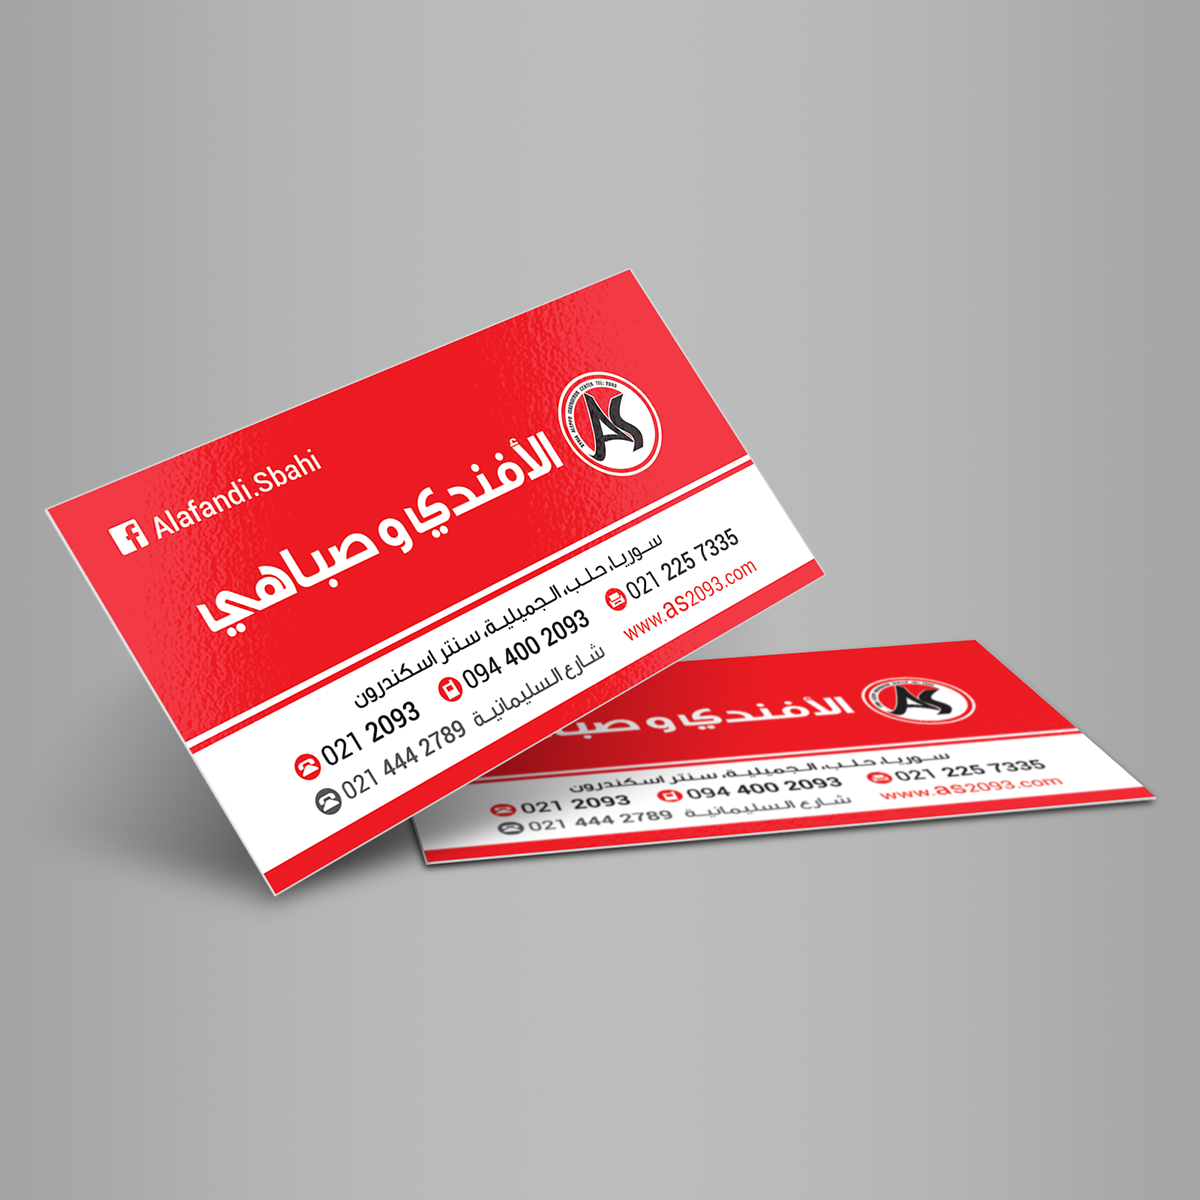 Business Cards,red,rot,Visitenkarten,visitenkarte